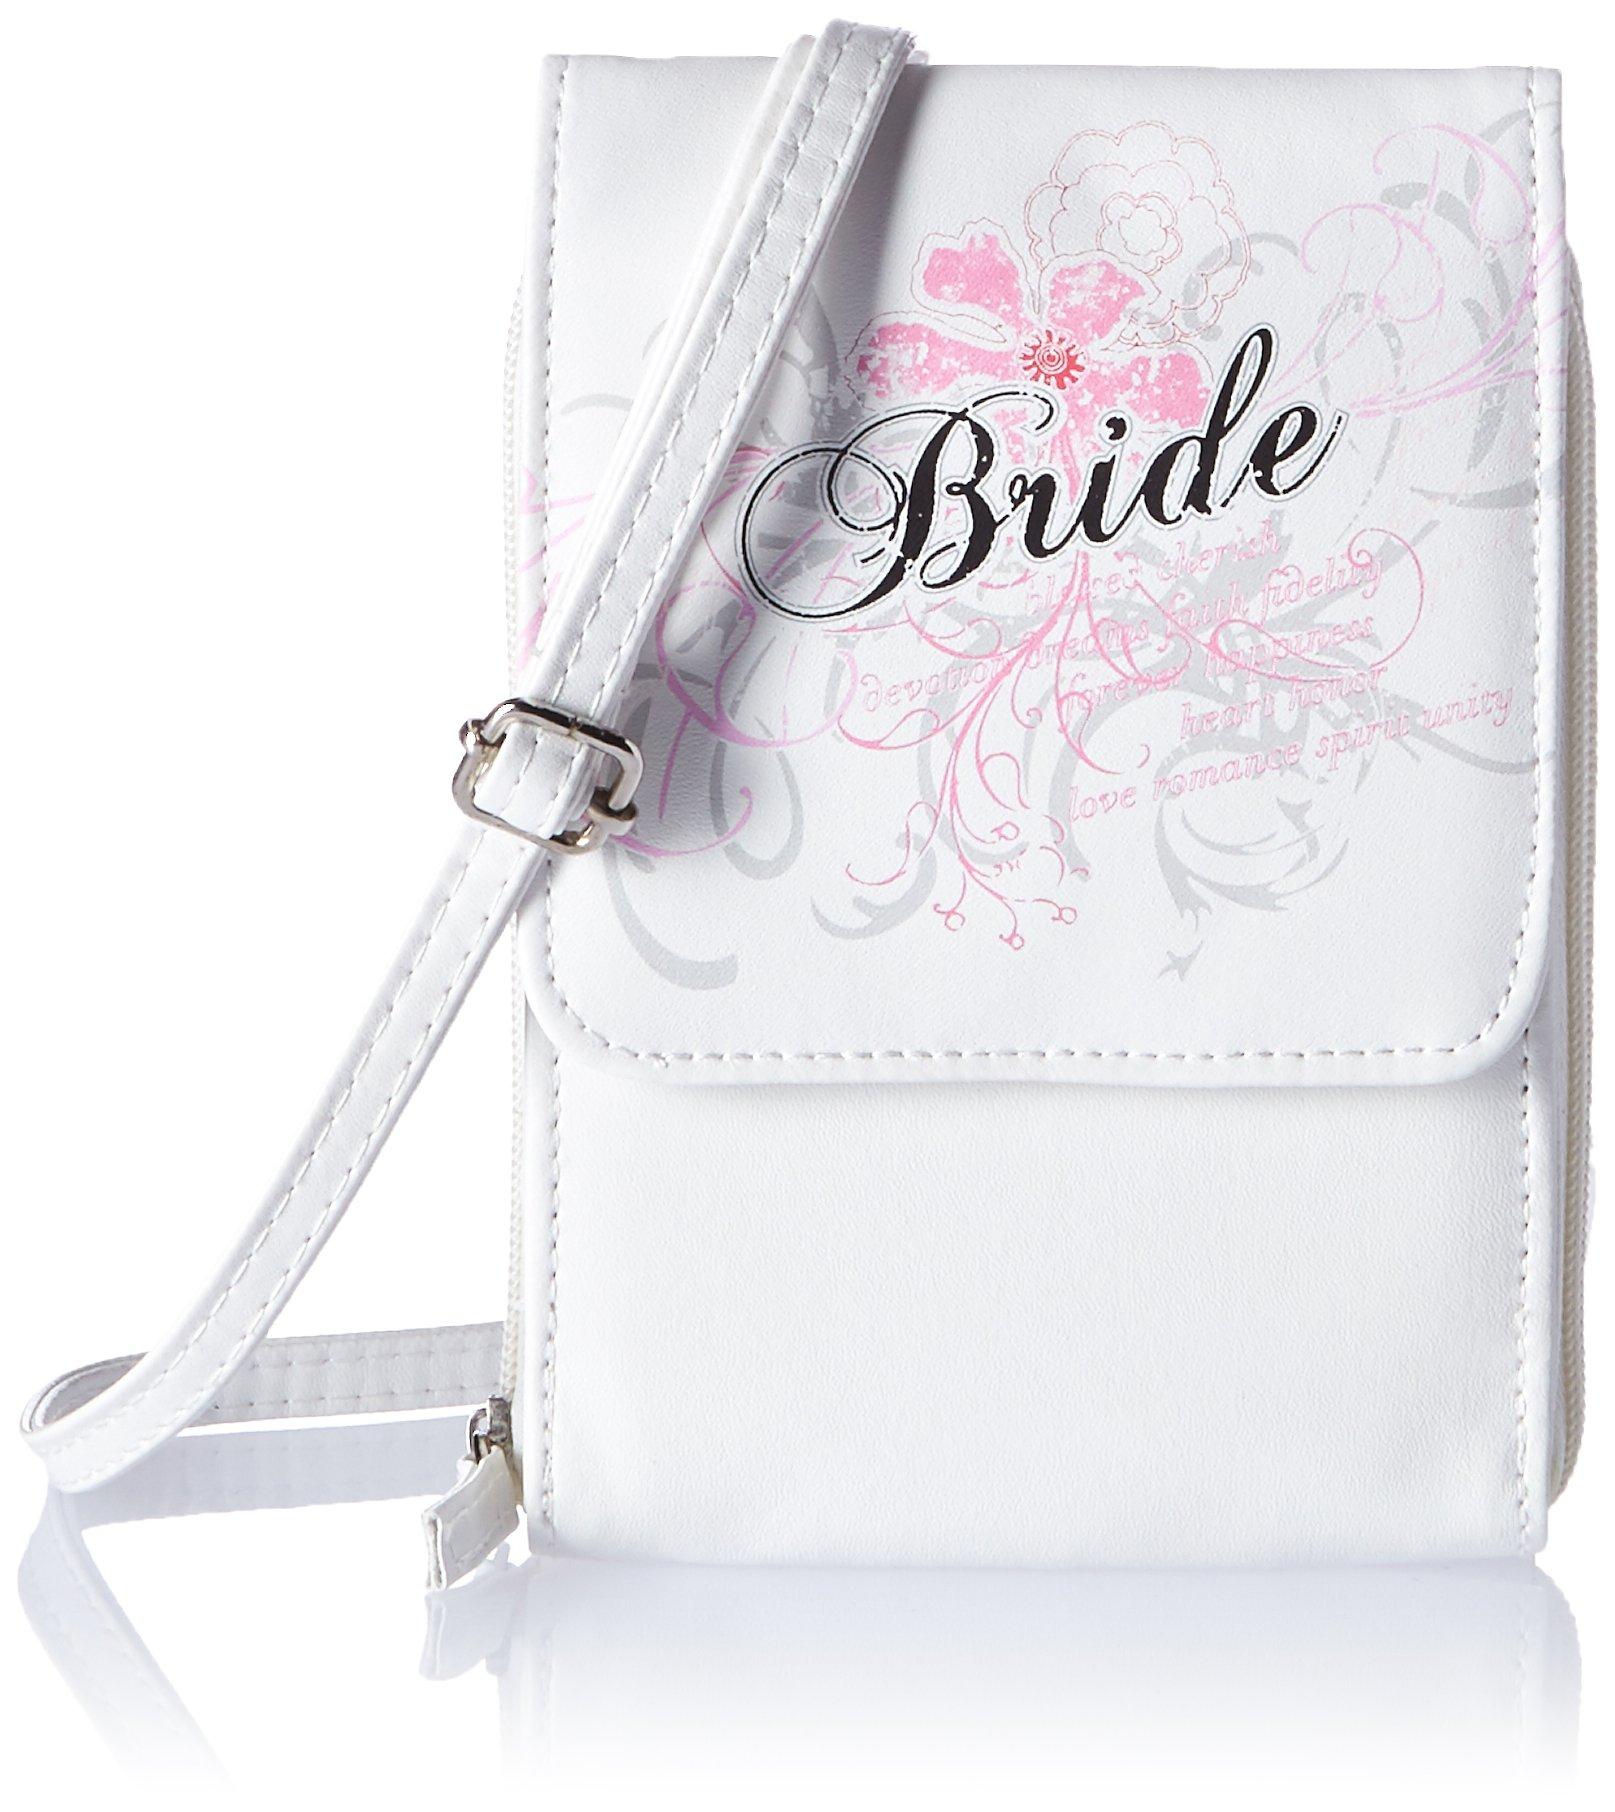 Lillian Rose Small White Purse Bag Bride Accessories